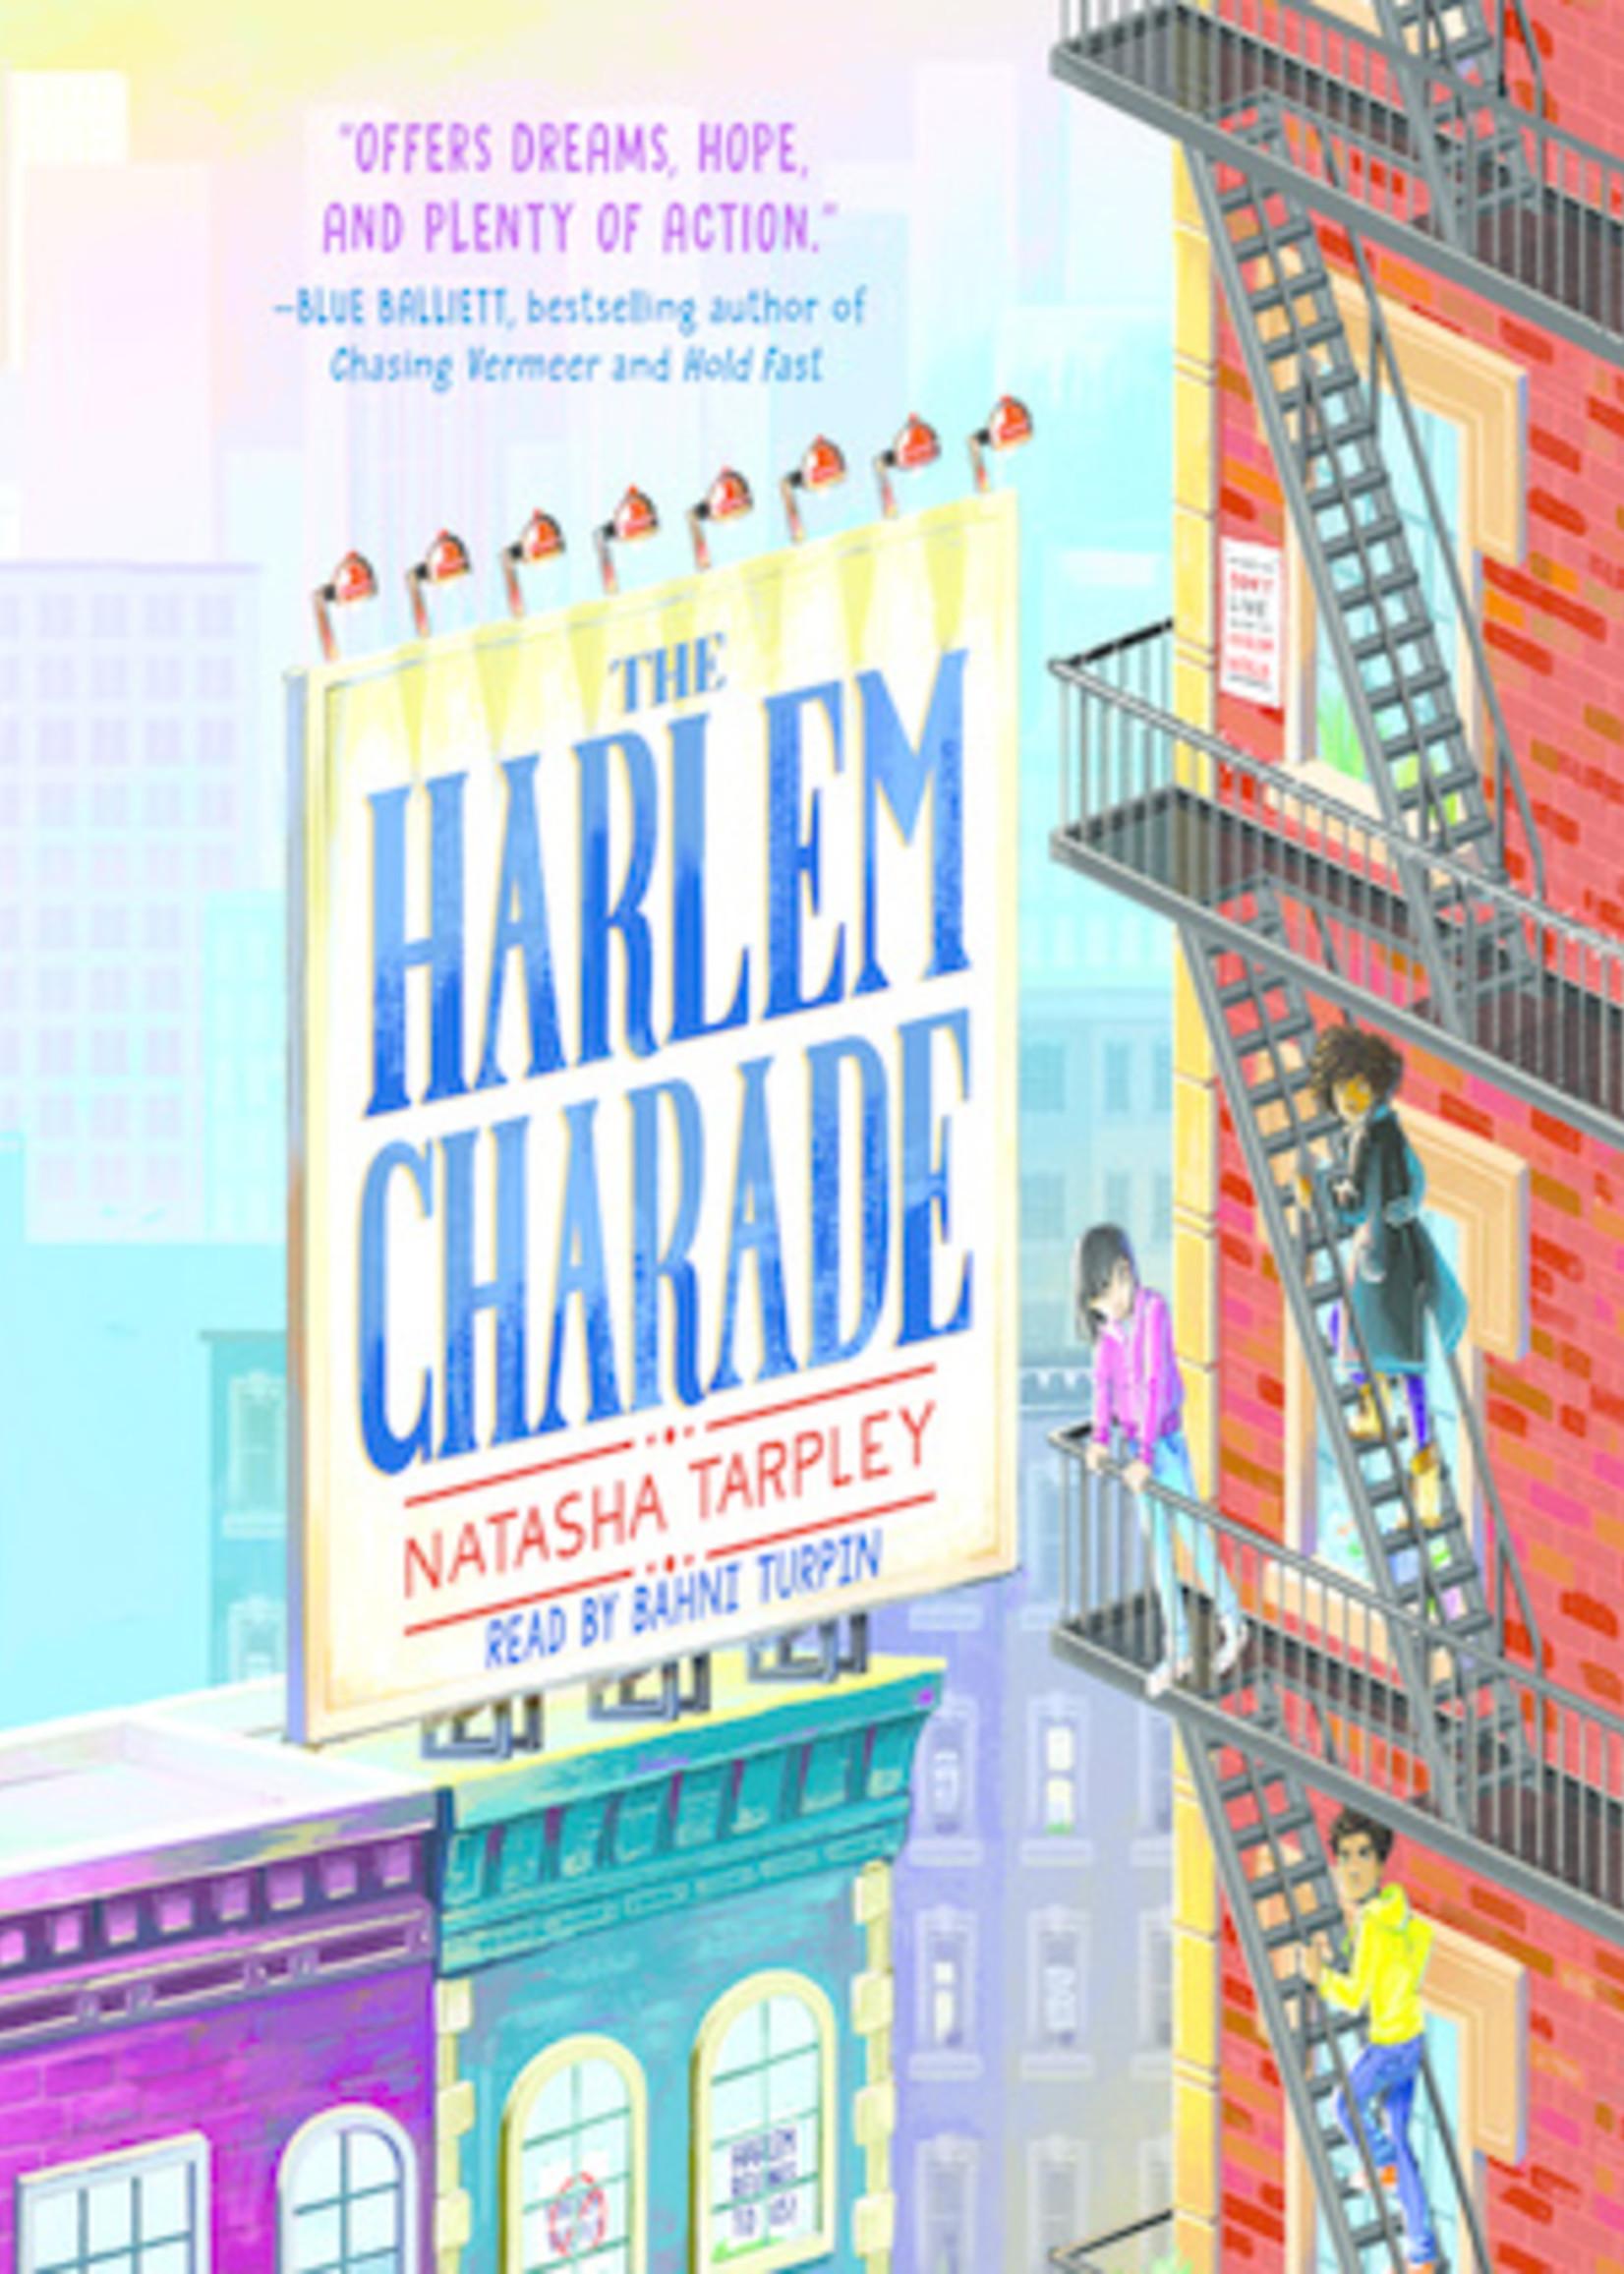 OBOB 21/22: The Harlem Charade - Paperback